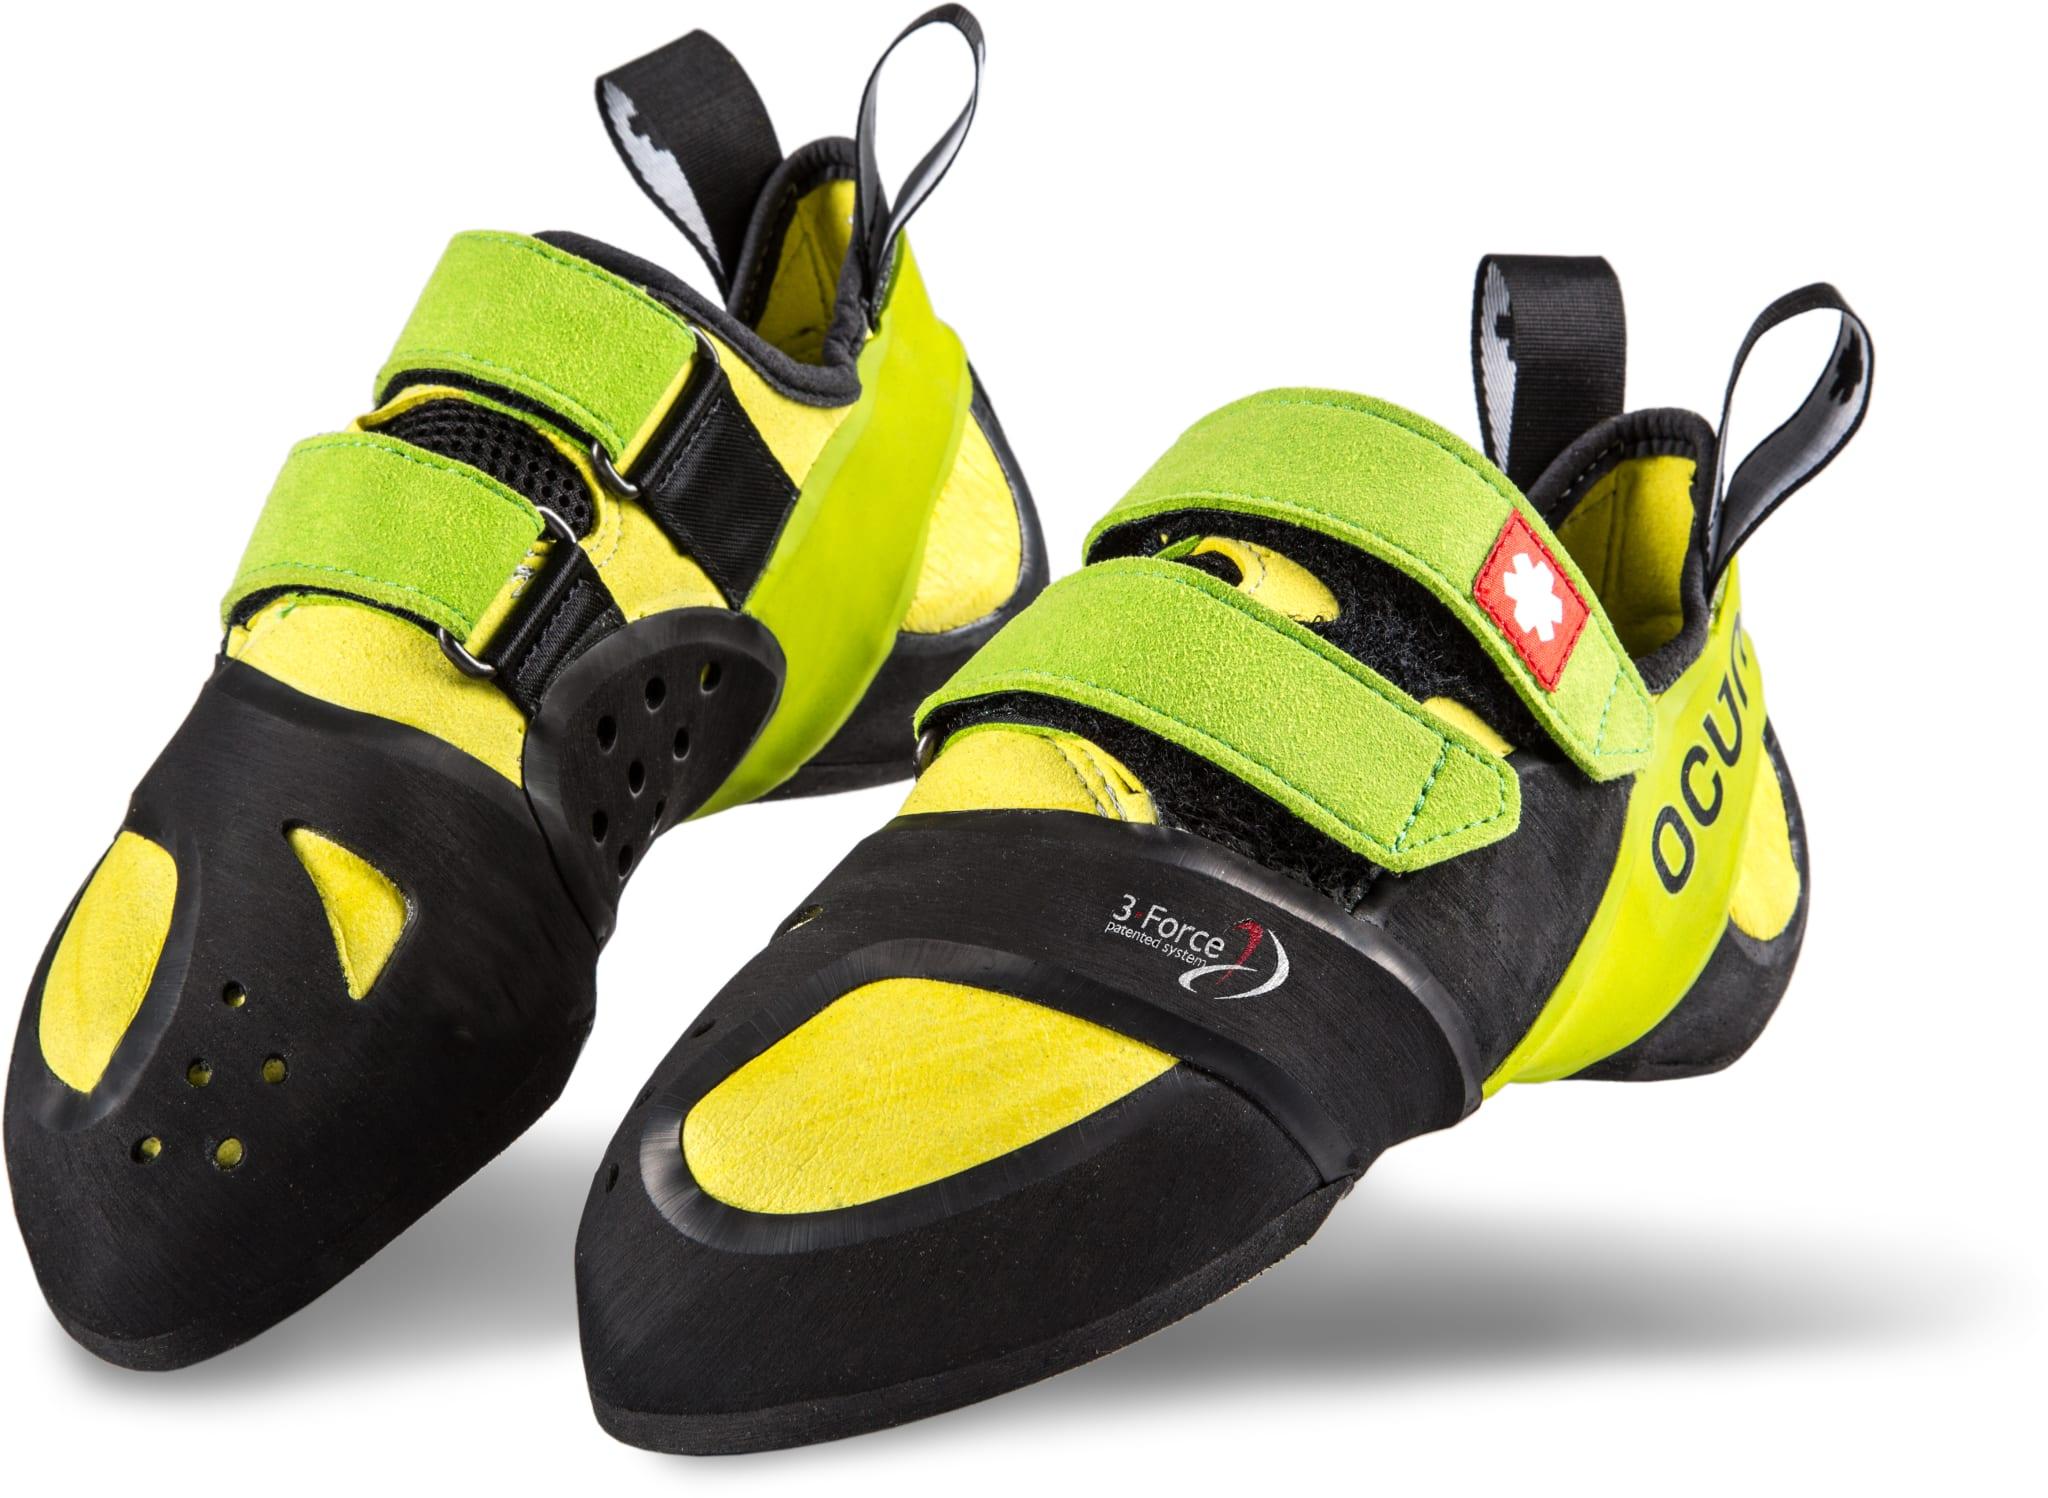 Litt bredere sko til buldring og sportsklatring